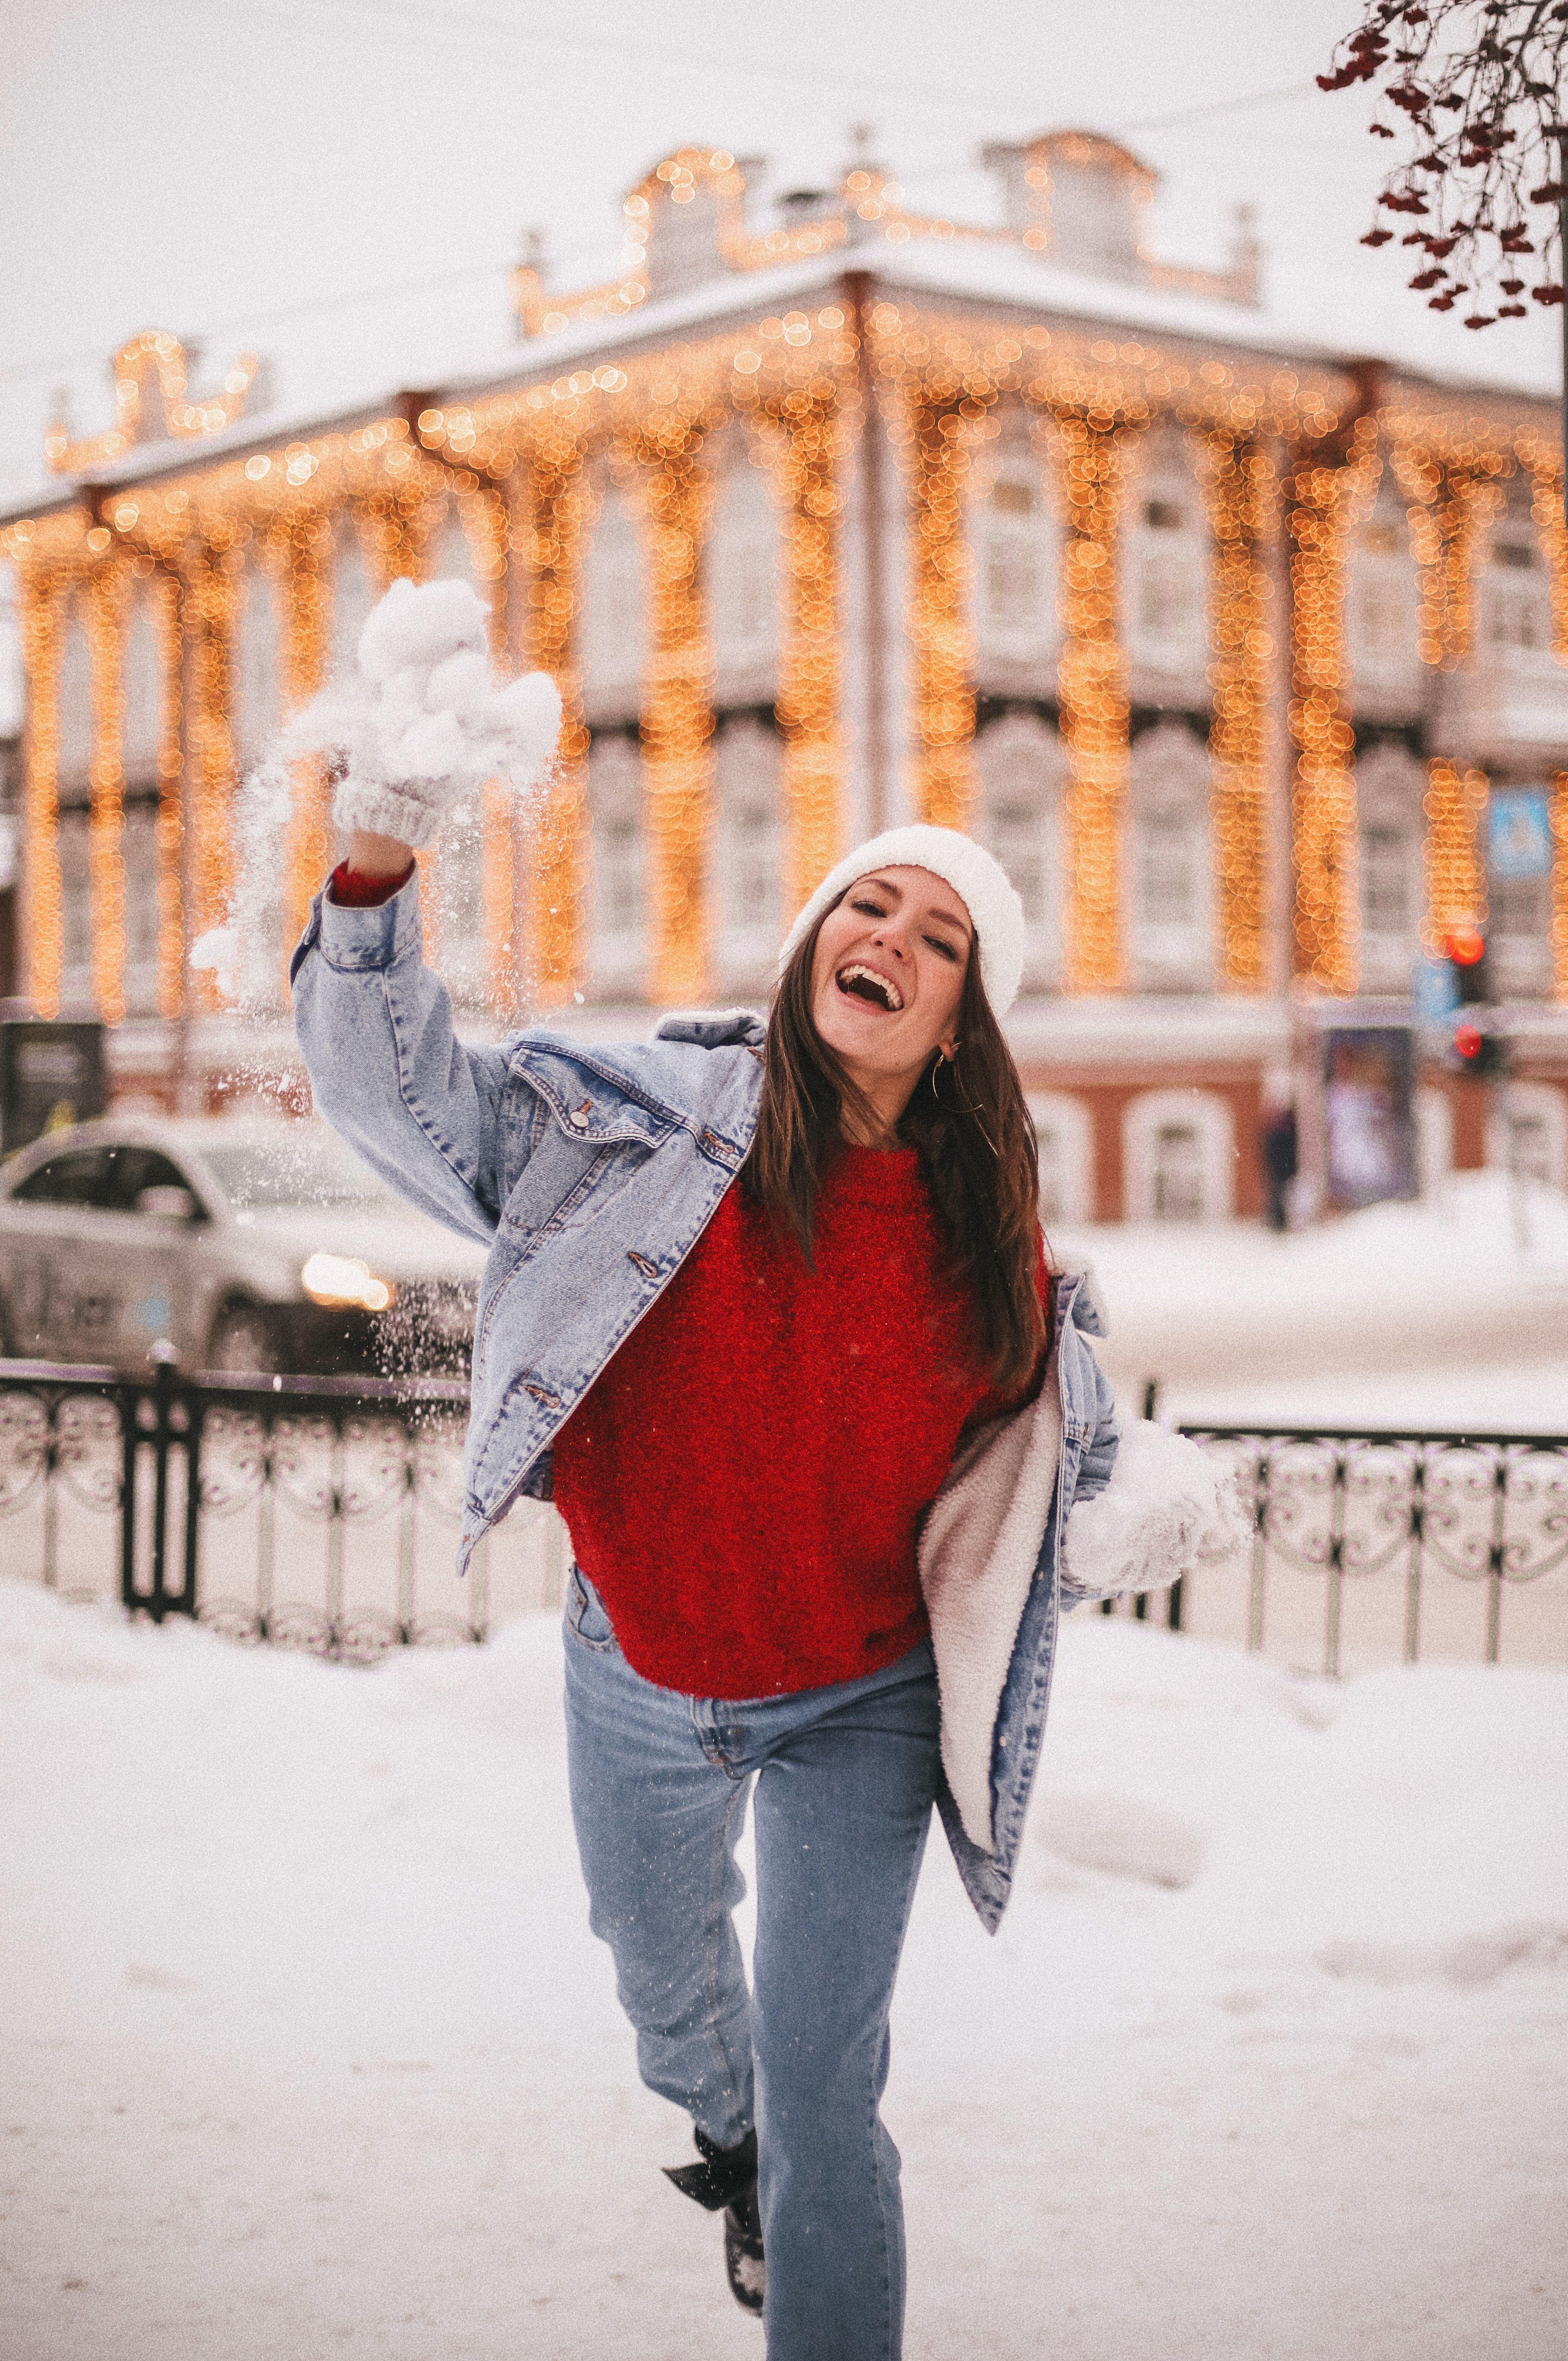 цена тротуарную что фотографировать зимой в городе то, что